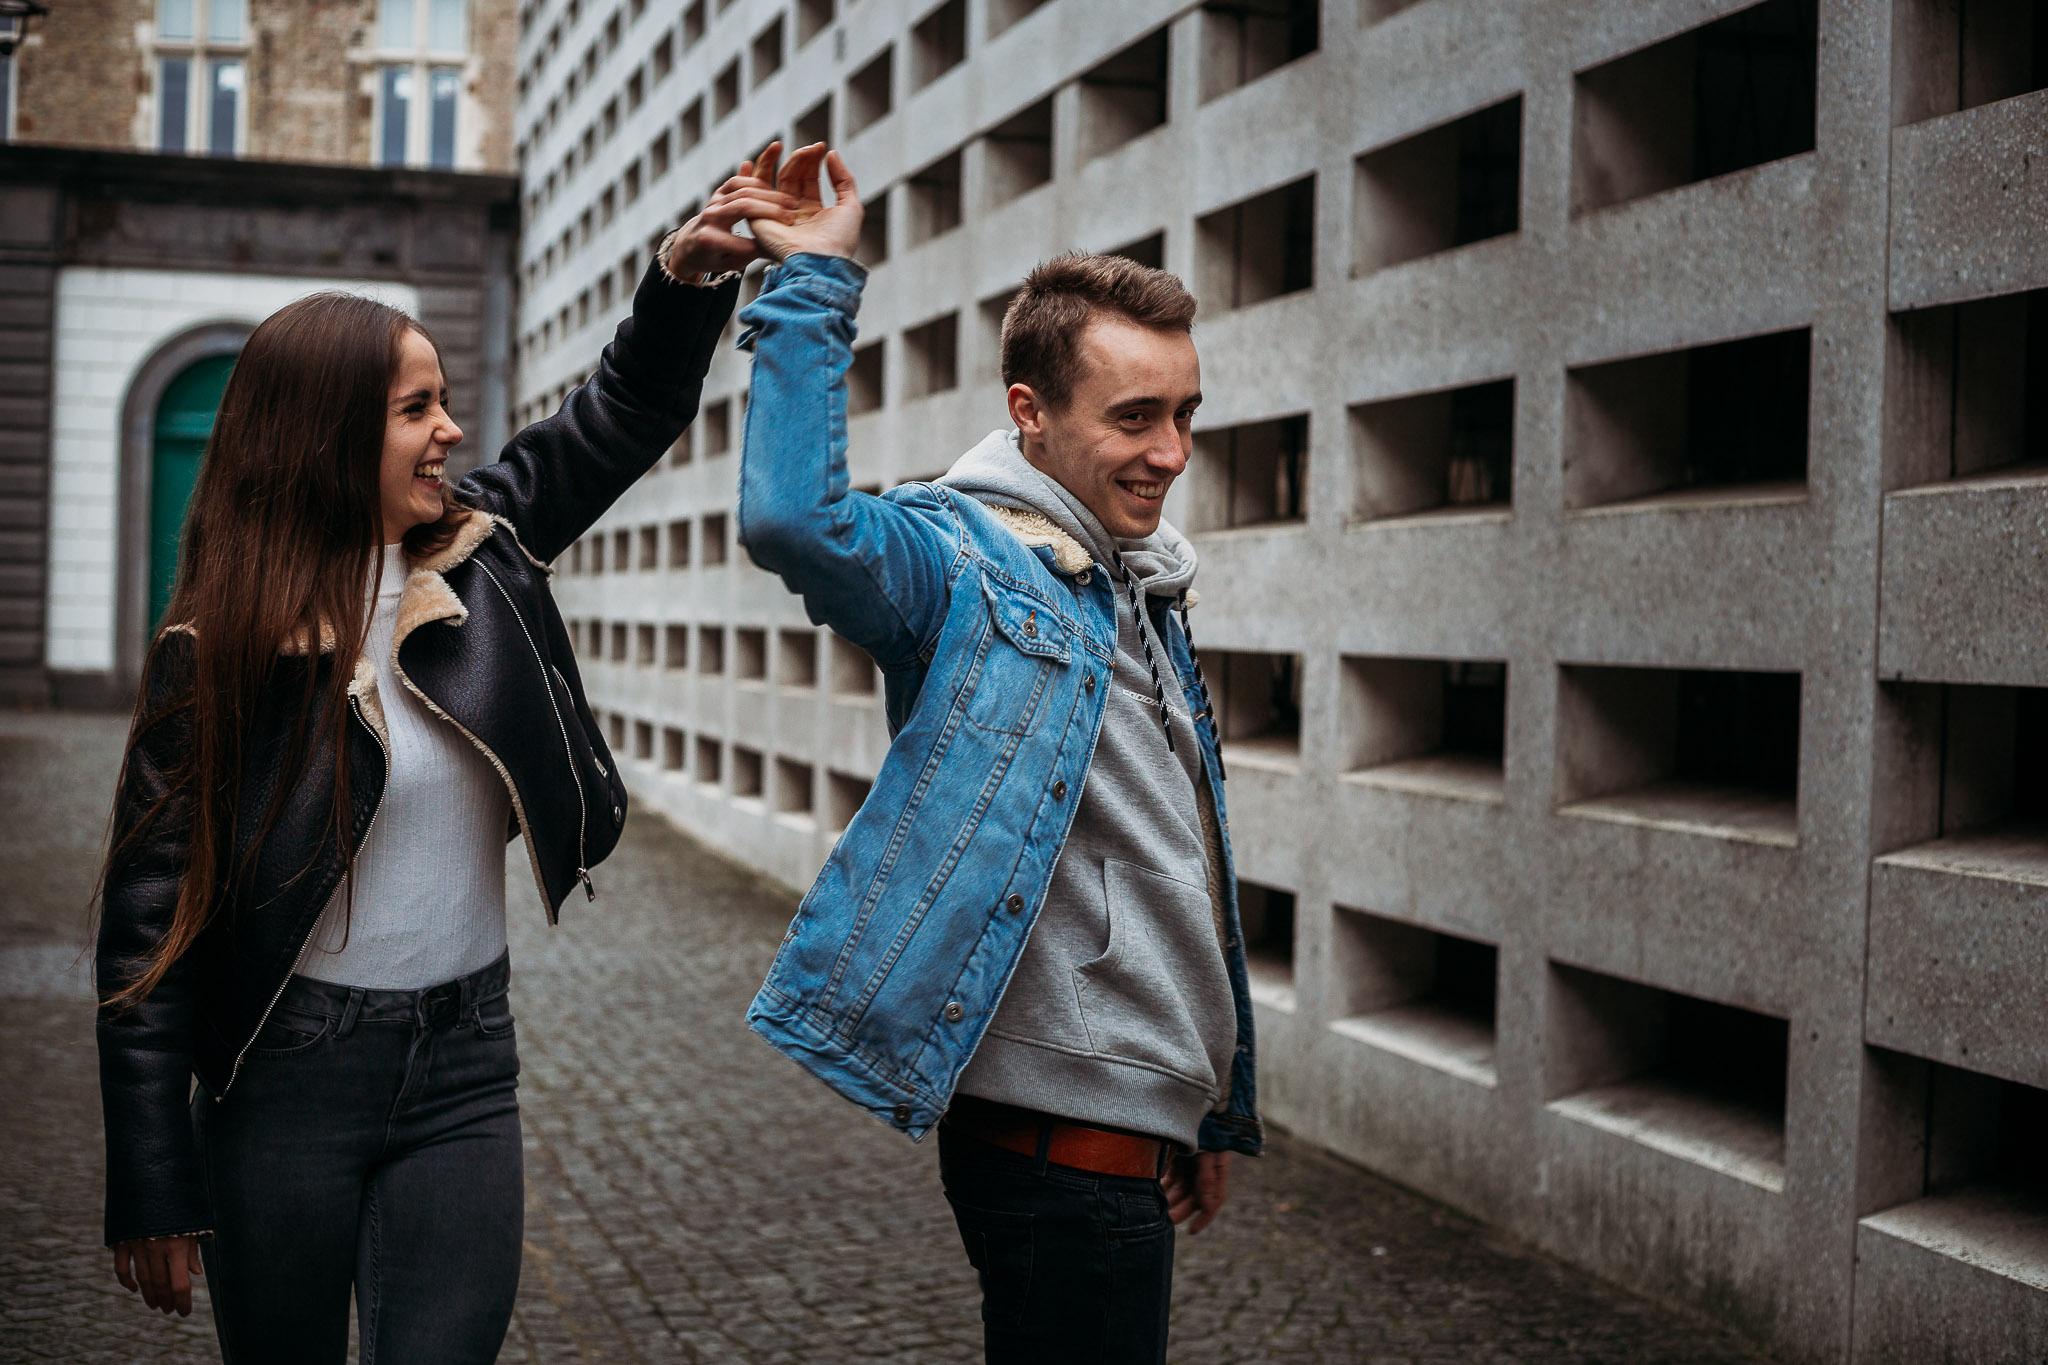 Couple dancing in the street in Bruges, Belgium